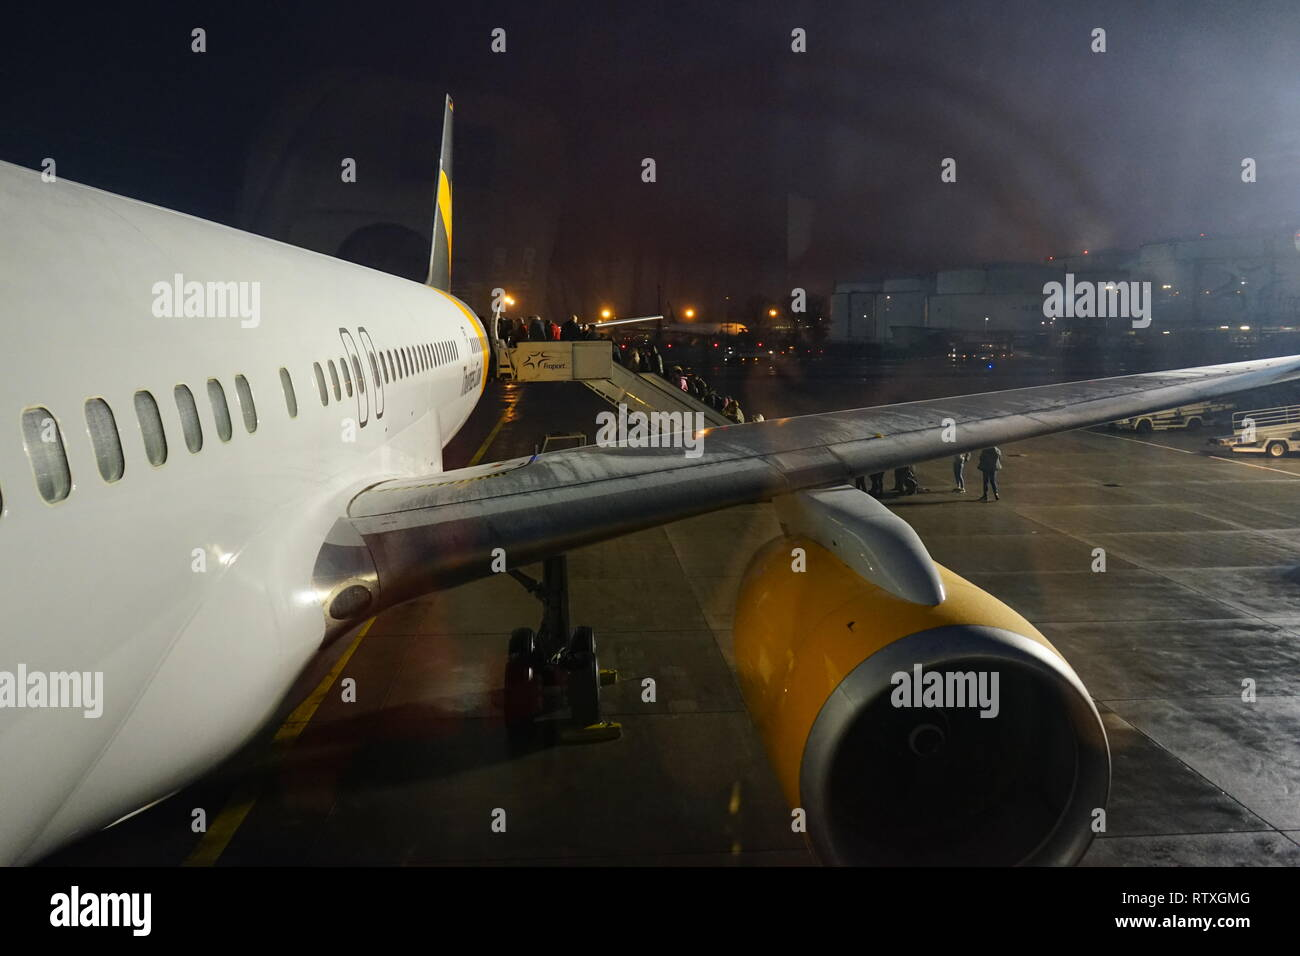 Flugzeug, Passagiere steigen ein, Flughafen, Airport, Frankfurt am Main, Germany - Stock Image